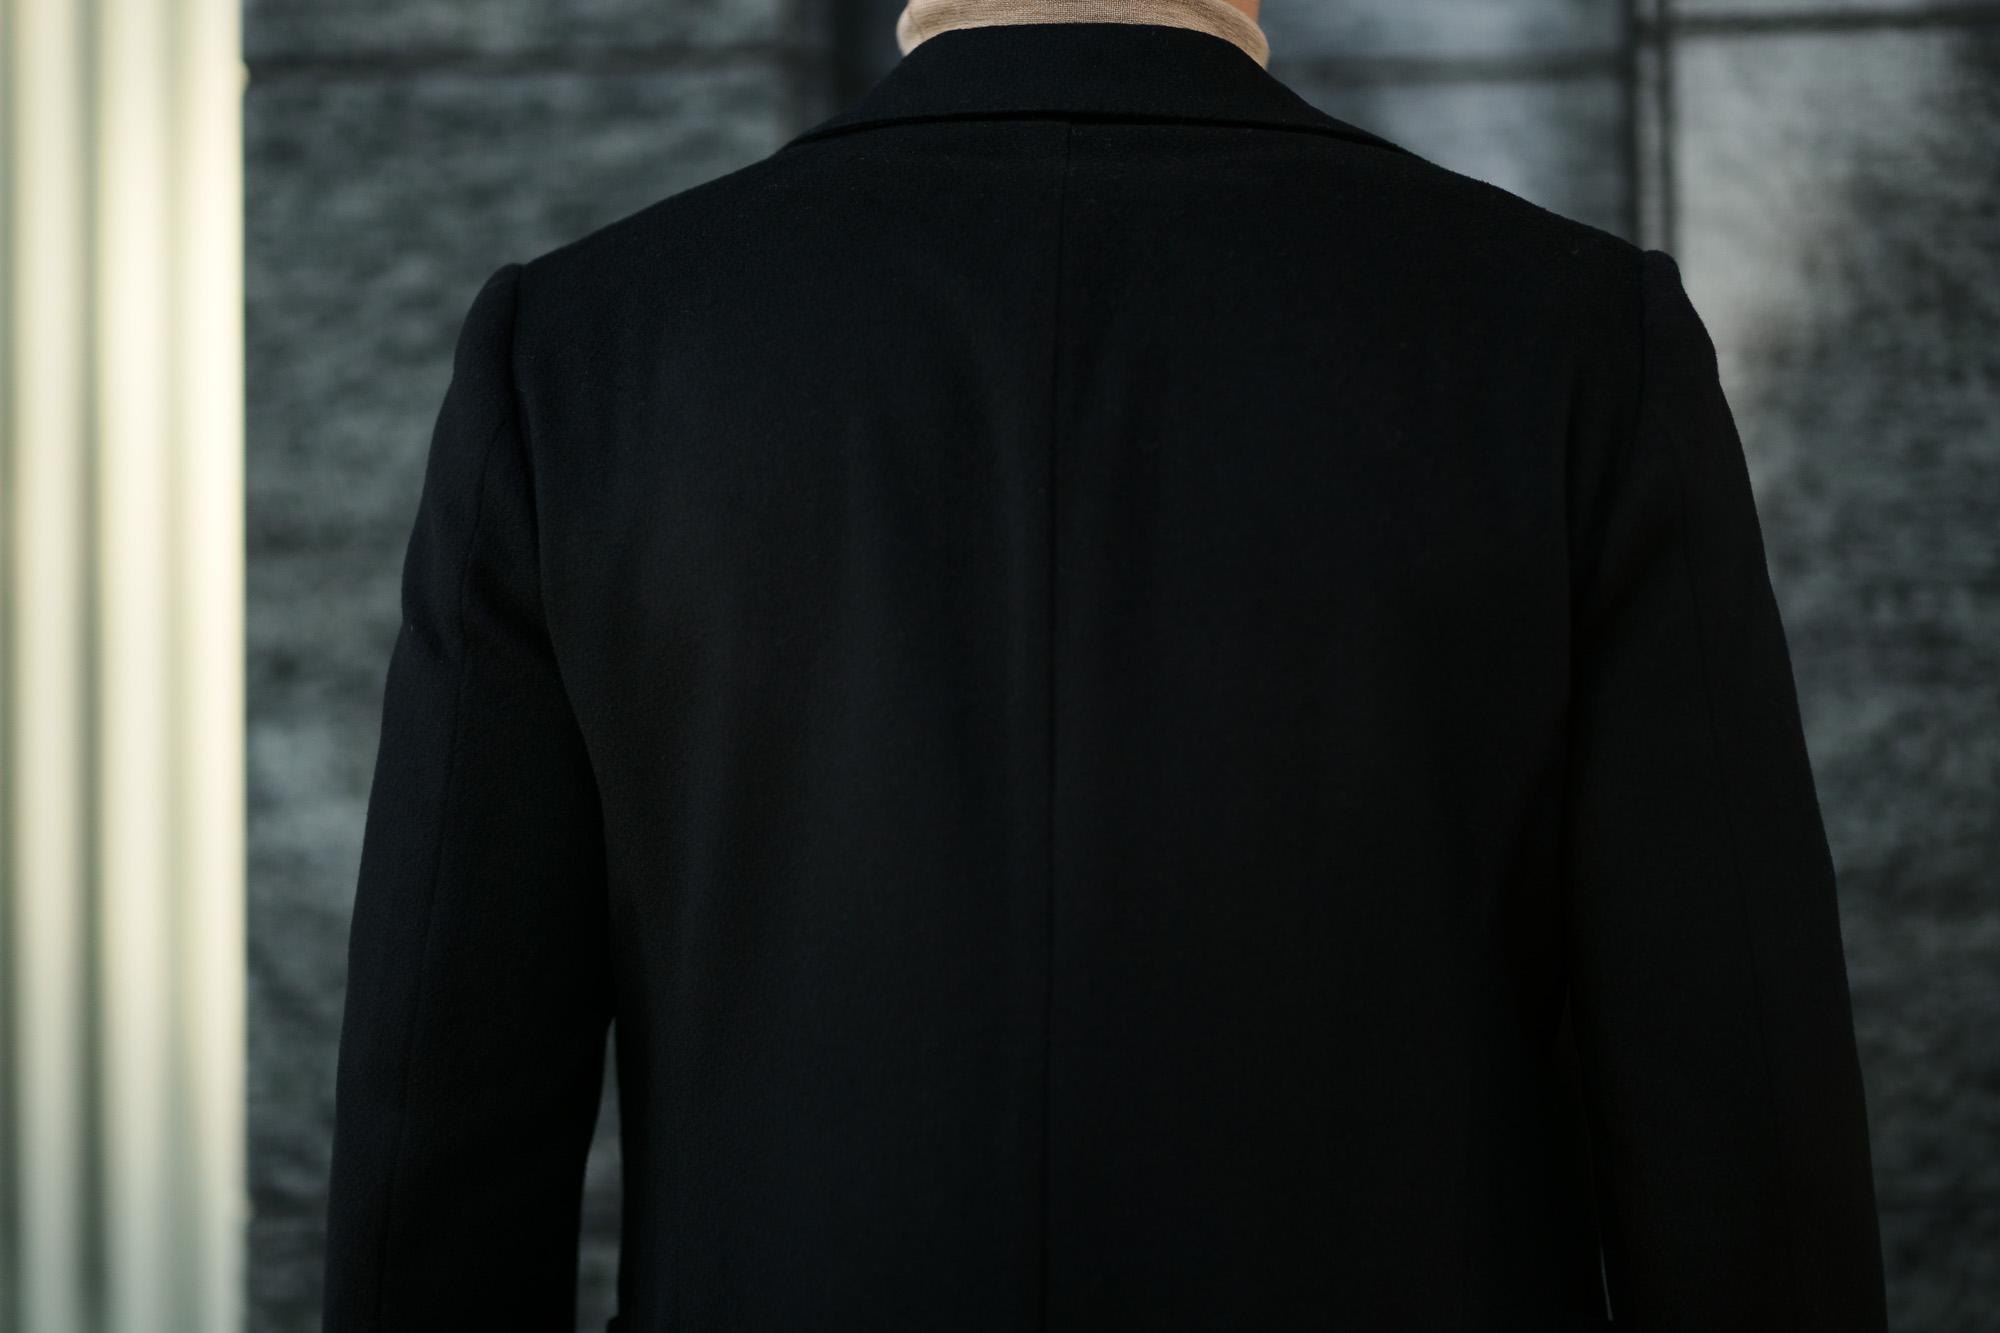 Cuervo (クエルボ) Sartoria Collection (サルトリア コレクション) Lobb (ロブ) Cashmere カシミア 3B ジャケット BLACK (ブラック) MADE IN JAPAN (日本製) 2019 春夏新作 愛知 名古屋 altoediritto アルトエデリット スーツ ジャケット カシミヤ